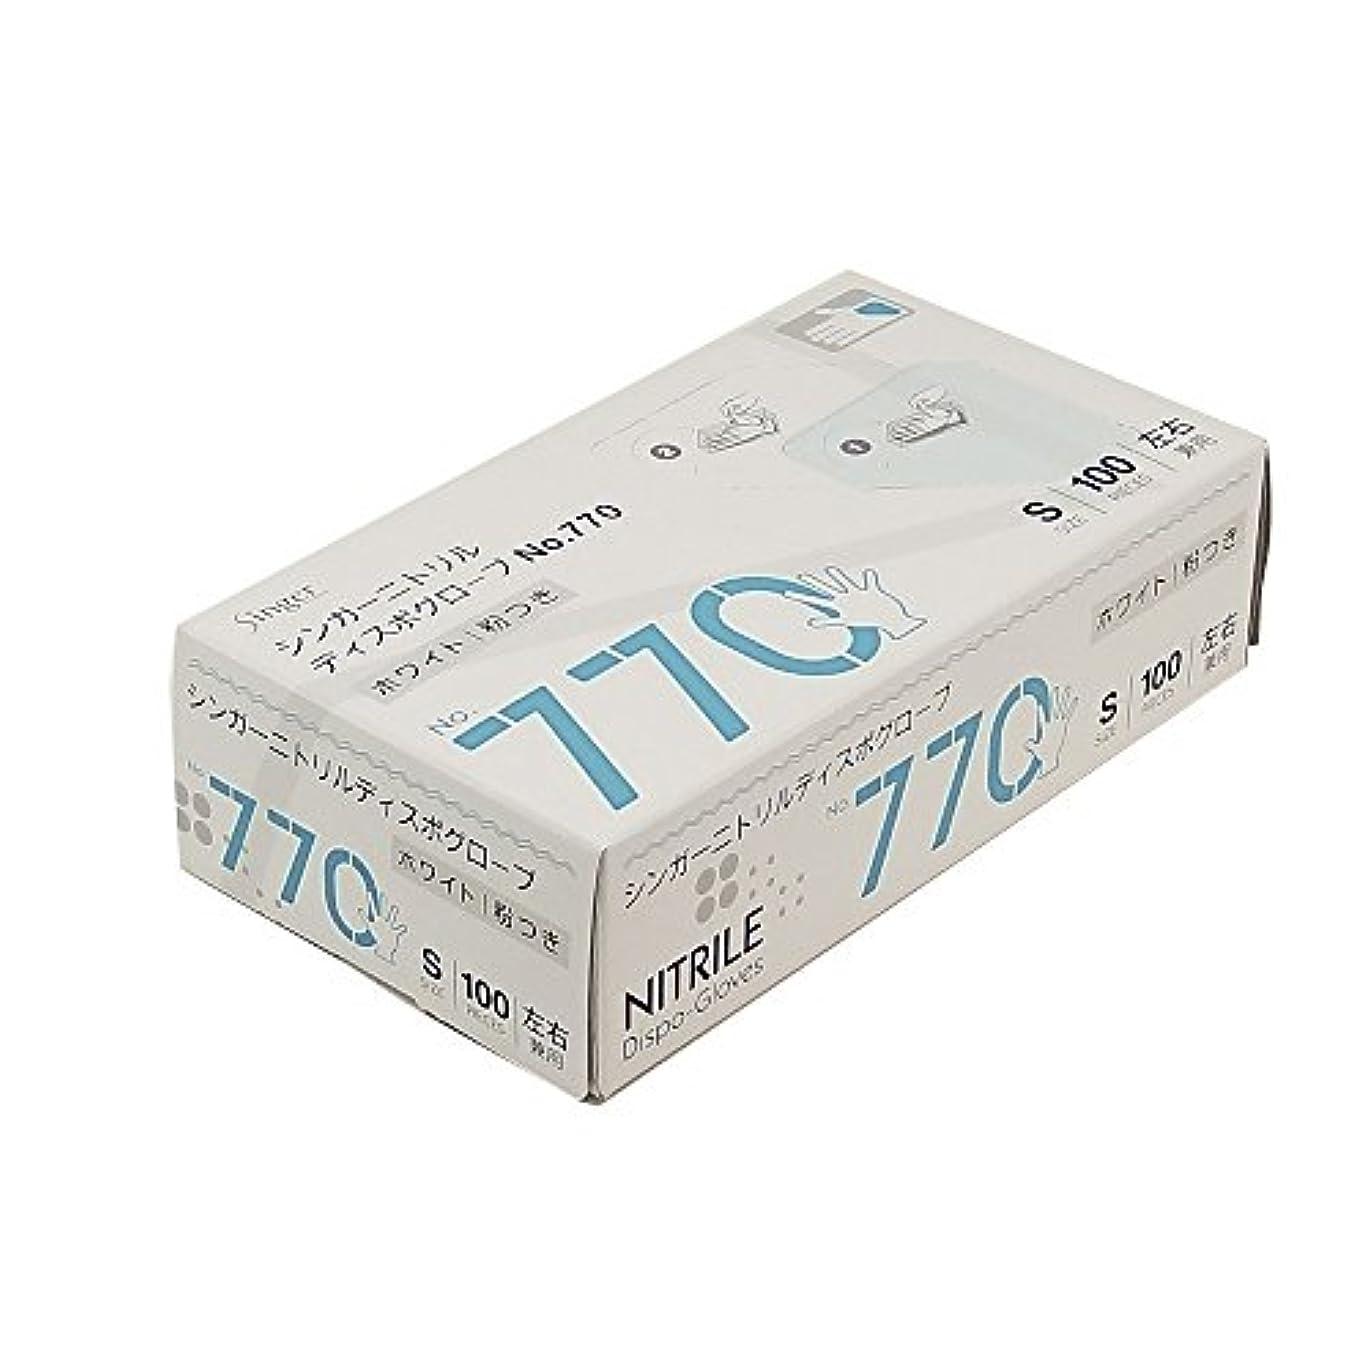 宇都宮製作 ディスポ手袋 シンガーニトリルディスポグローブ No.770 ホワイト 粉付 100枚入  S